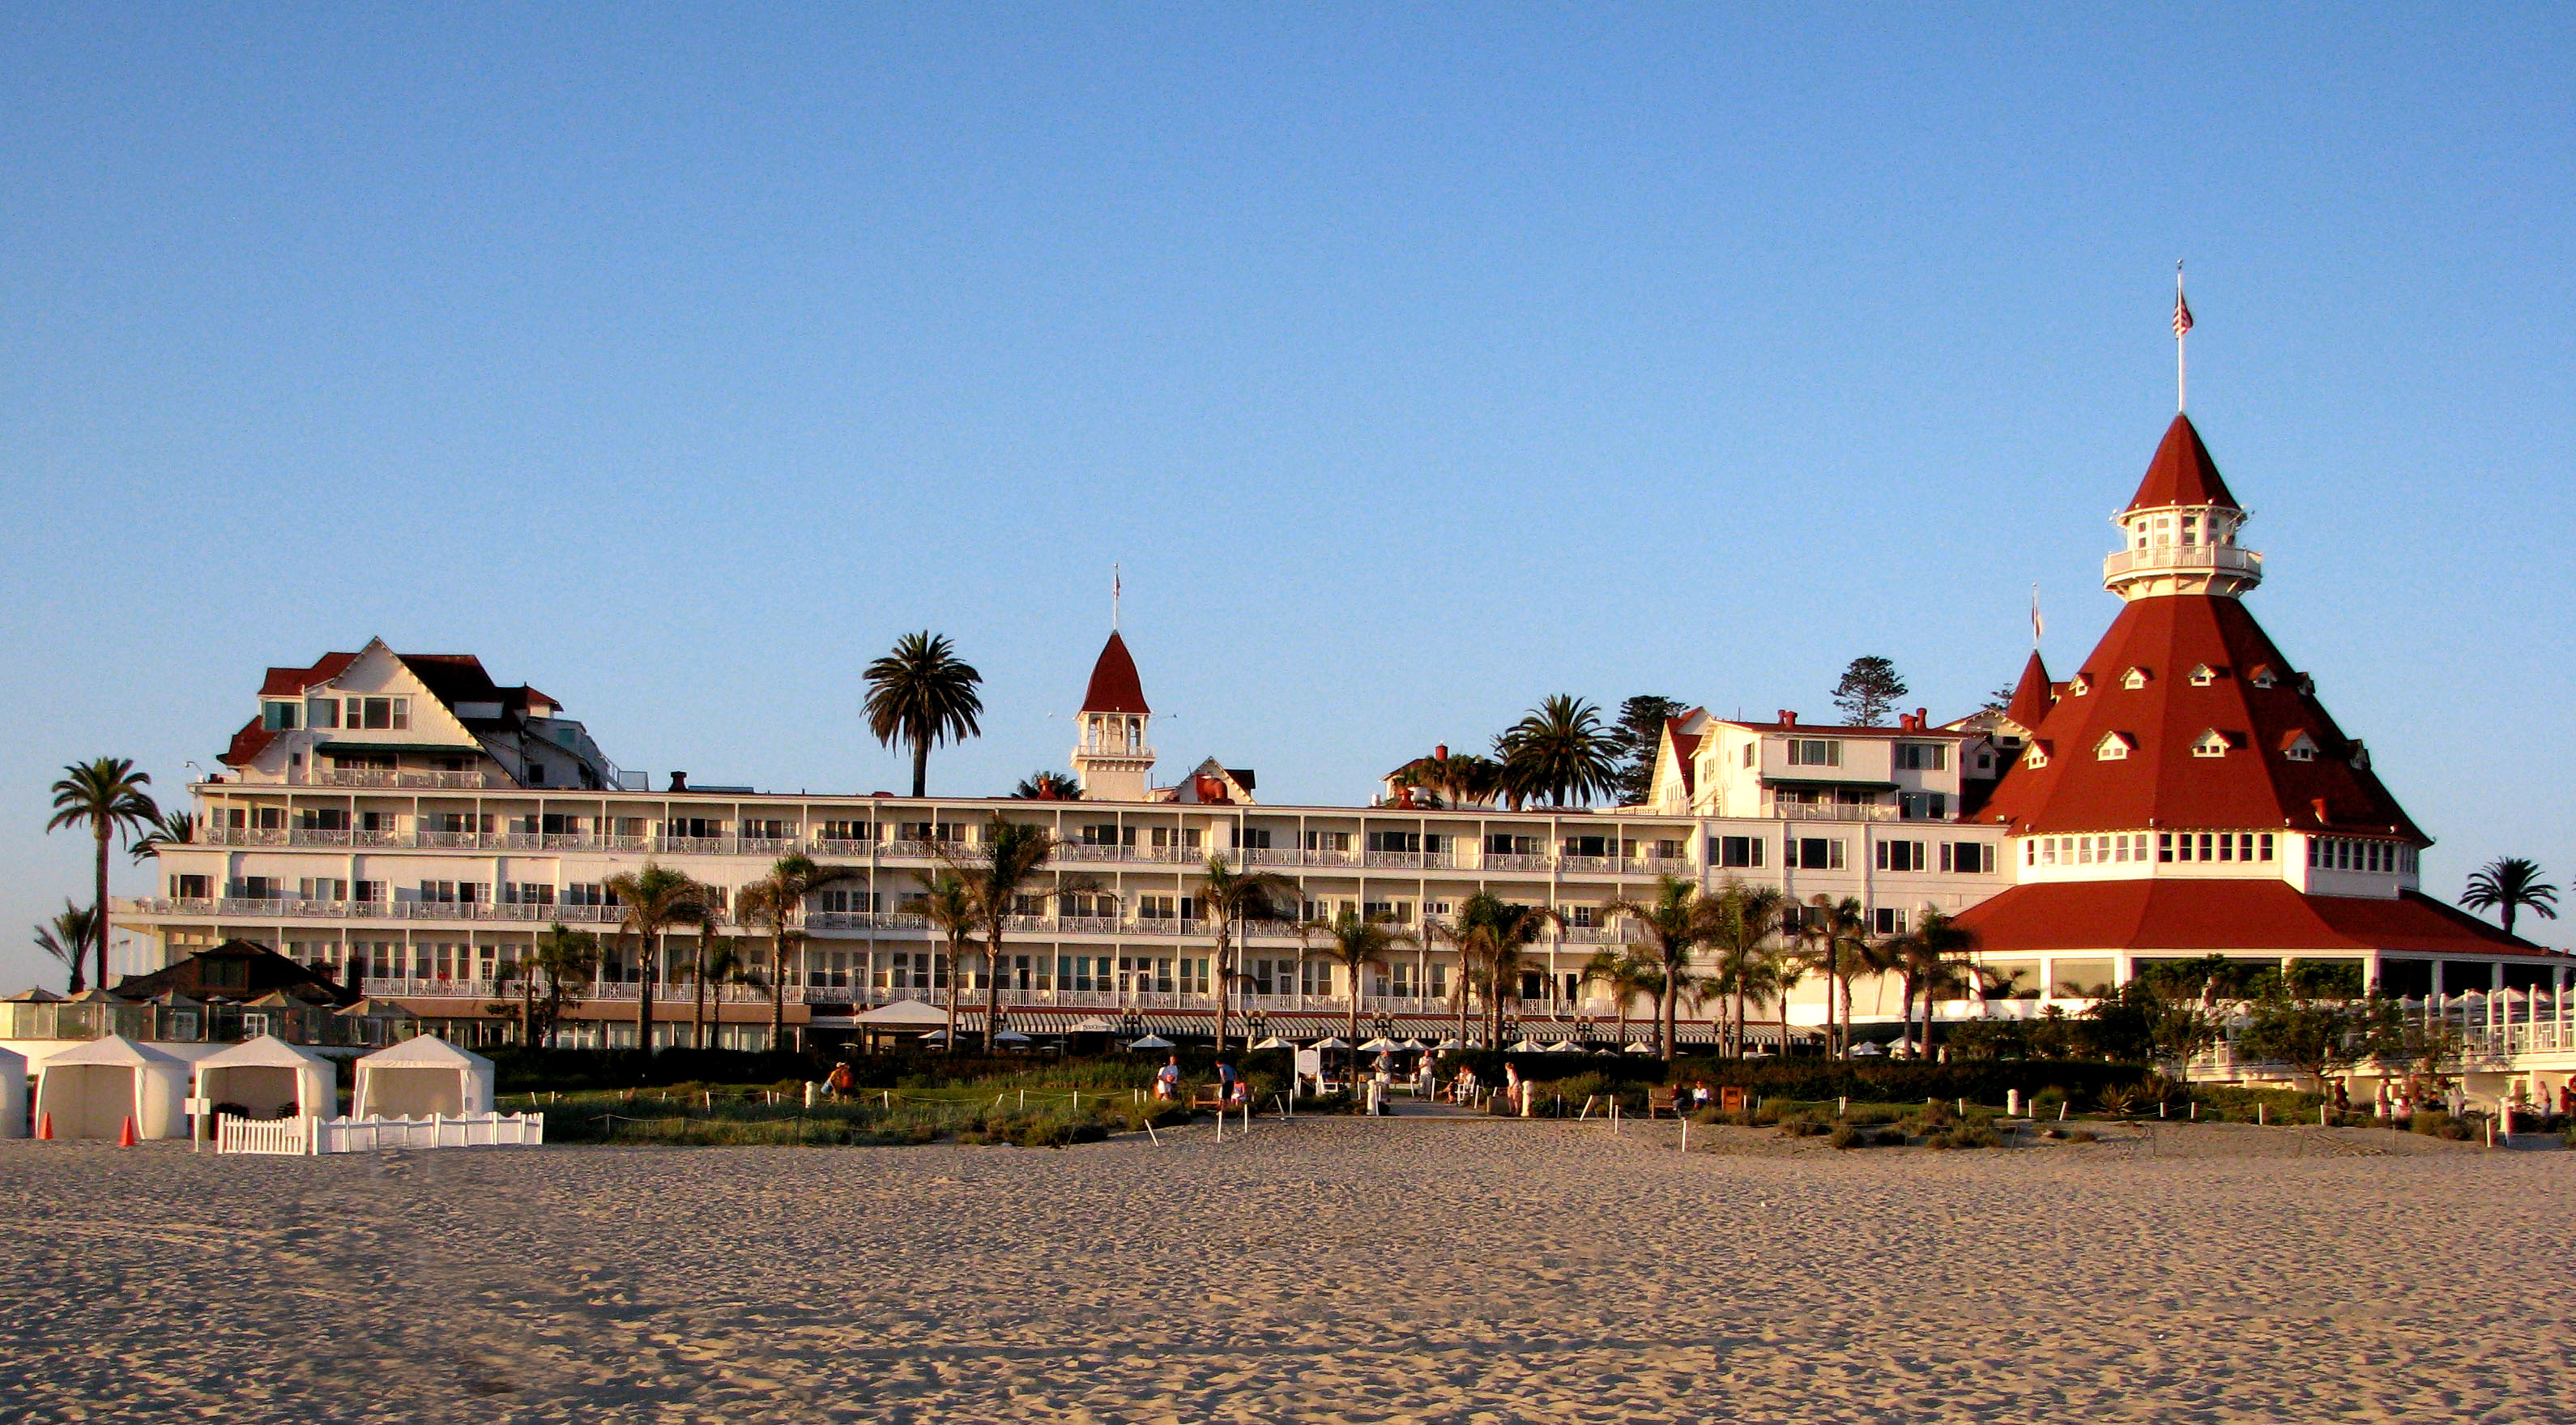 Coronado Hotel San Diego Tours